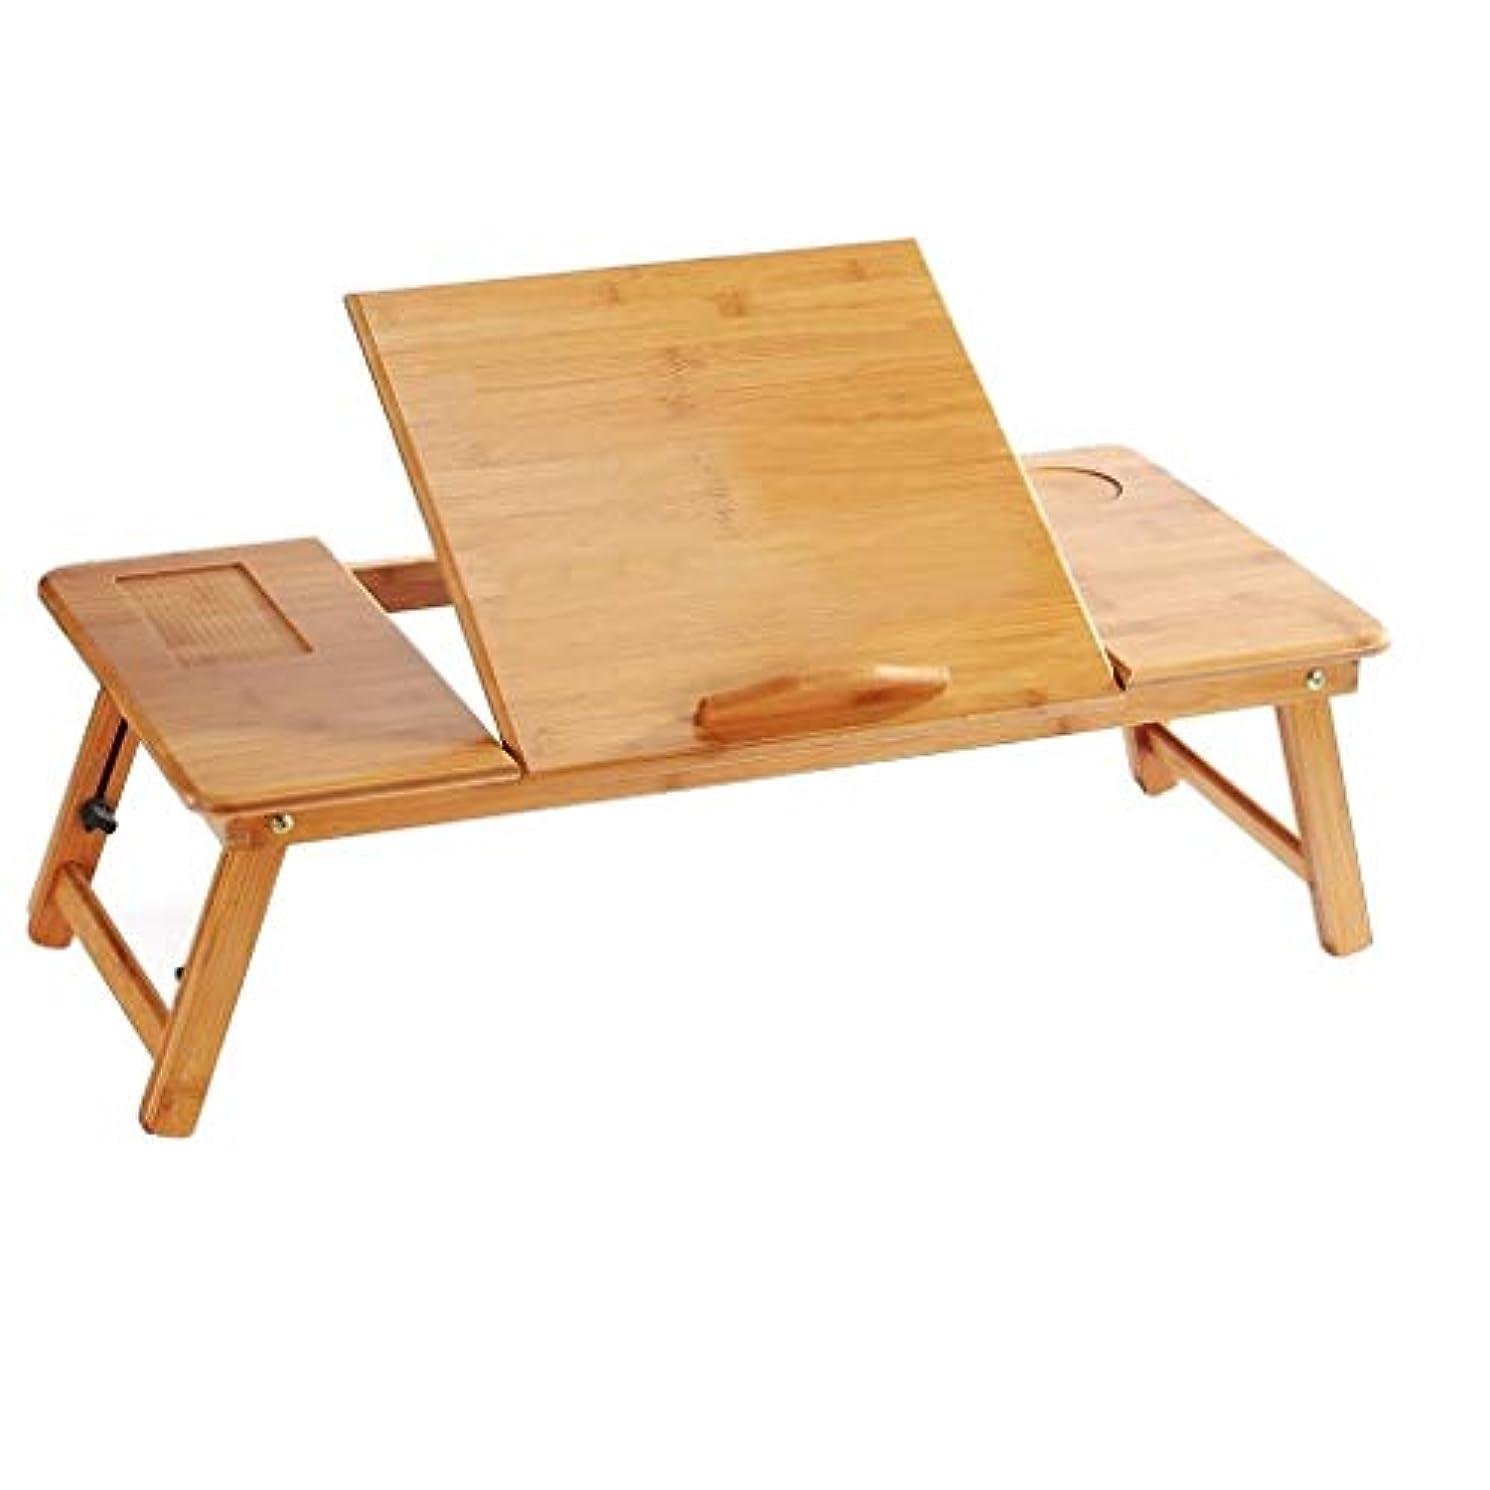 黄ばむ貨物マサッチョNosterappou ベッド怠惰な竹のノートブックテーブル、折りたたみリフト机、環境的に耐久性、あなたの生活にもっと便利をもたらす